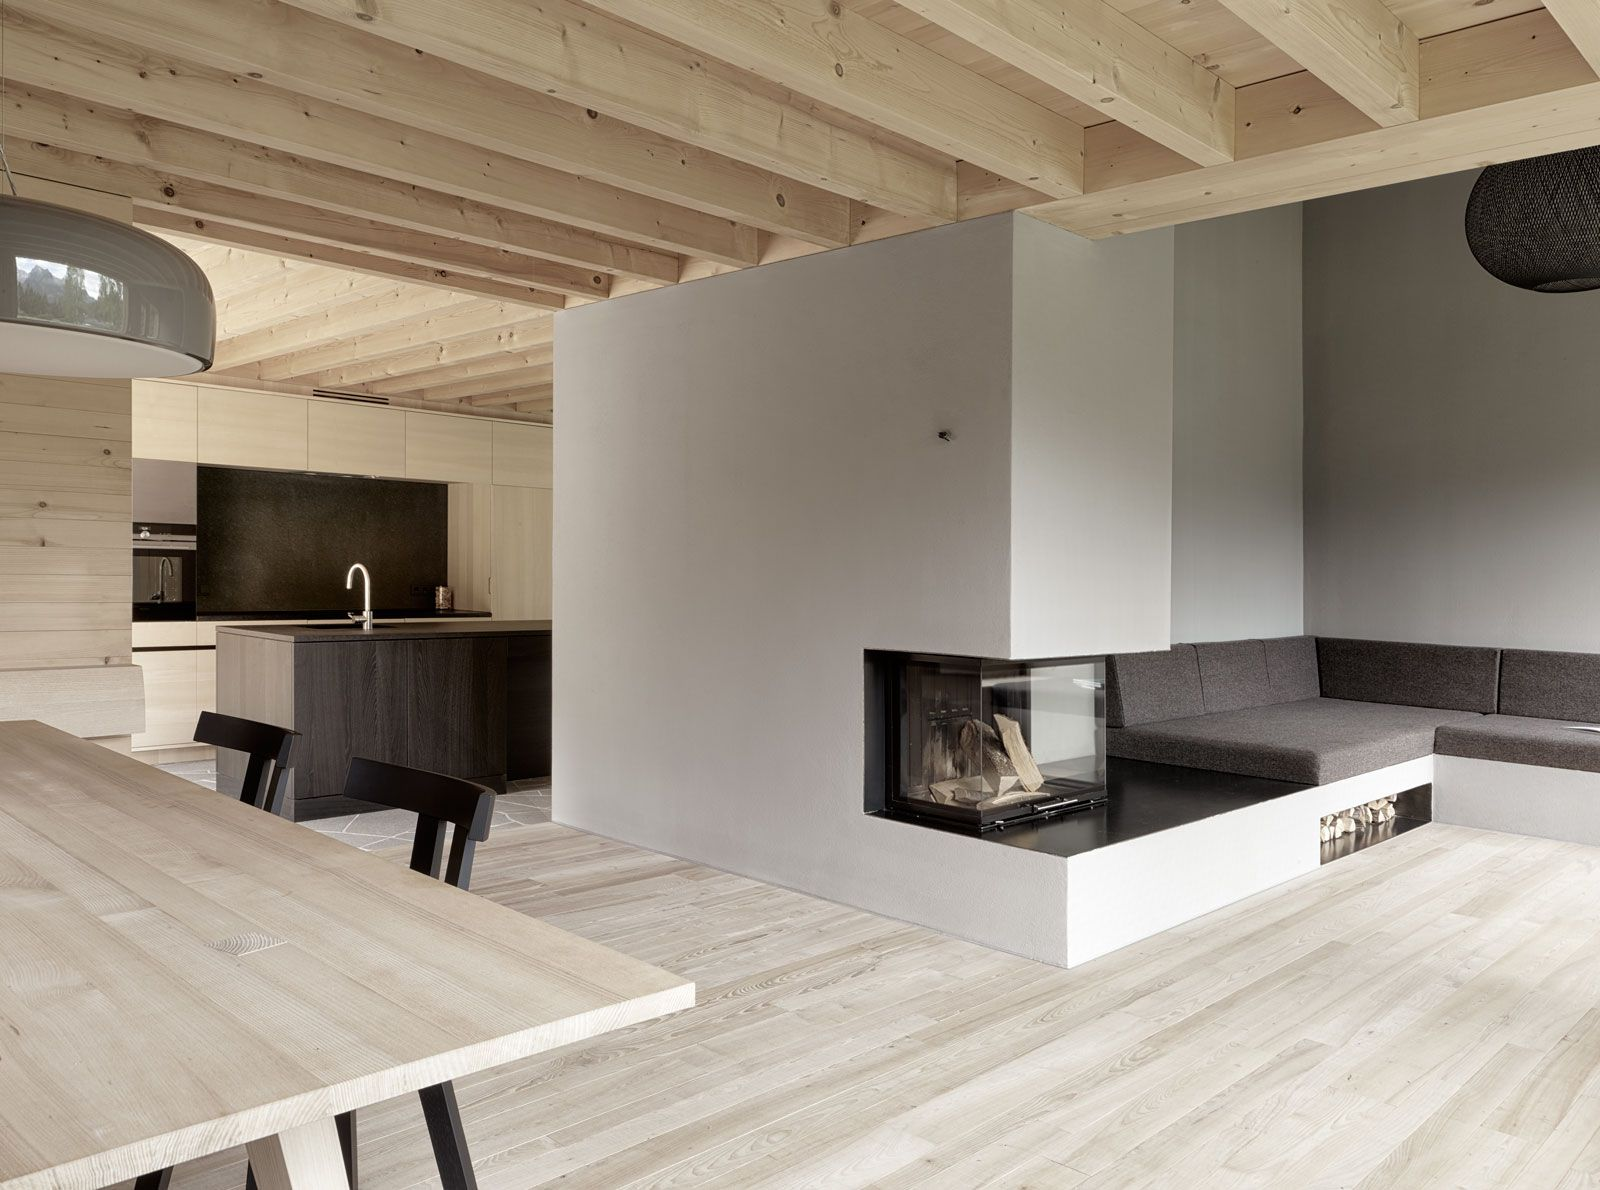 Architekten Innauer Matt | Häuser | Pinterest | Matt, Architekten ...